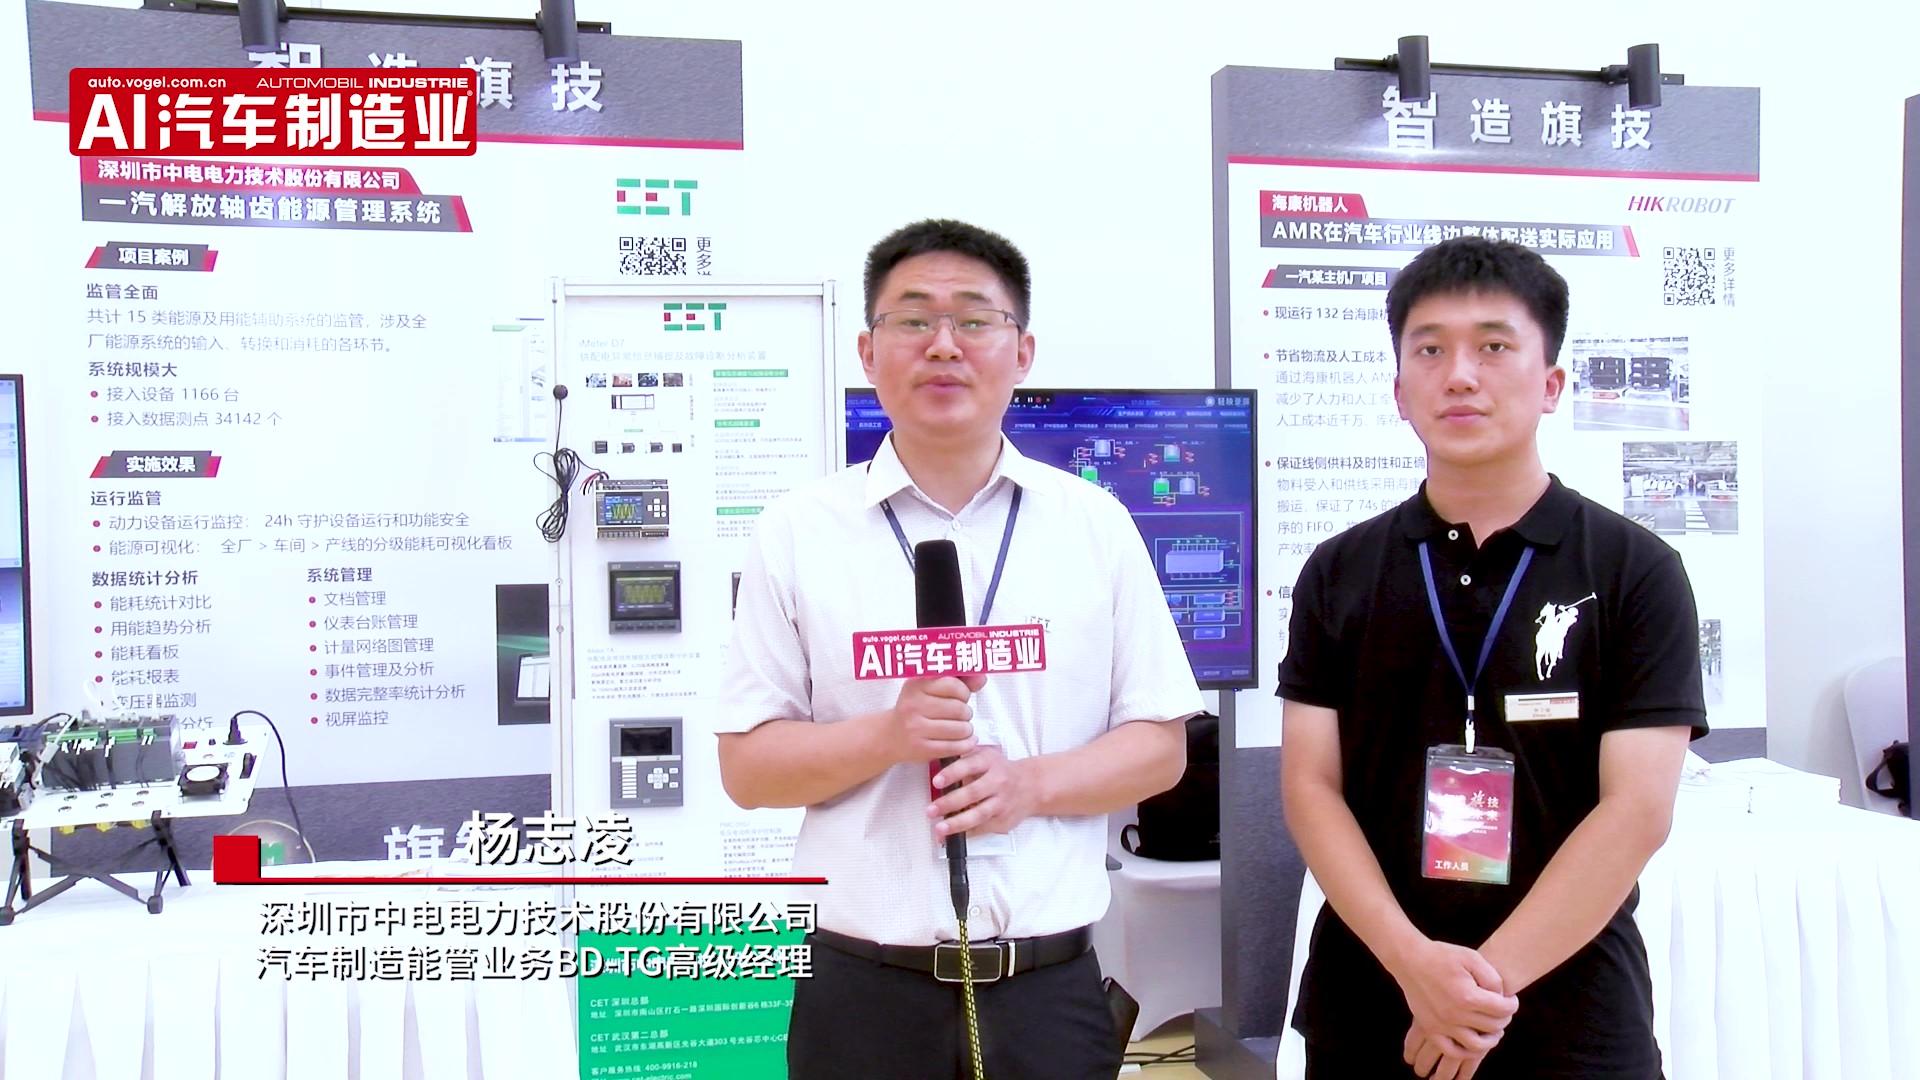 中电电力技术股份有限公司汽车制造能管业务BD-TG高级经理杨志凌